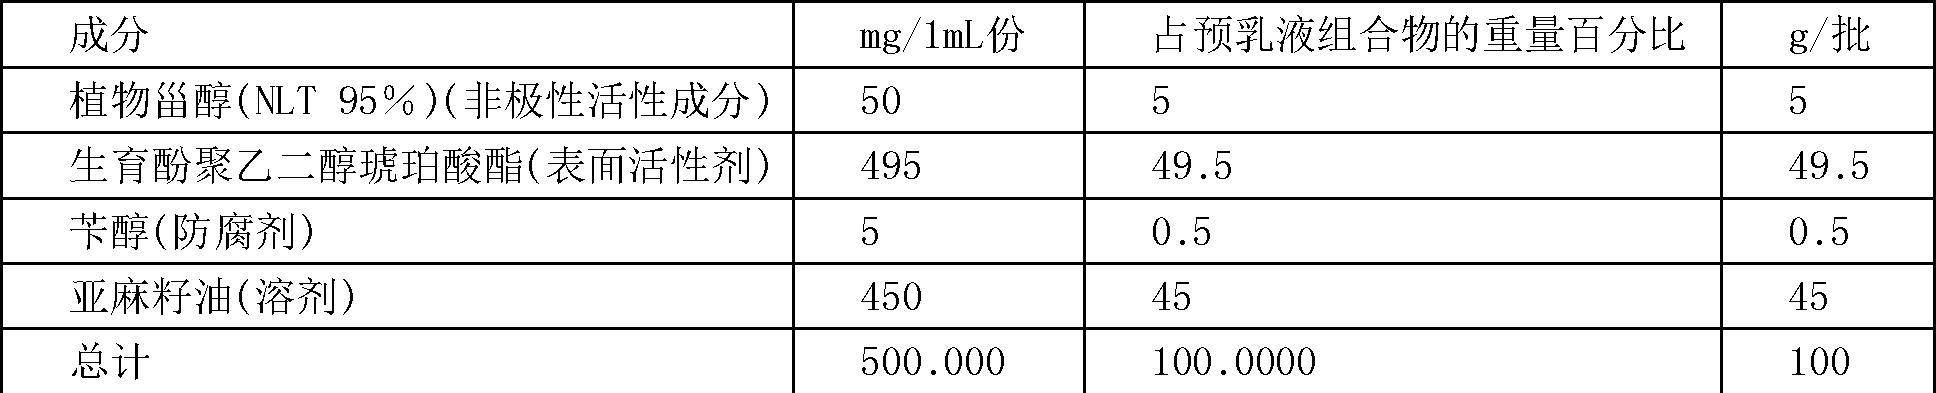 Figure CN102036661BD00923